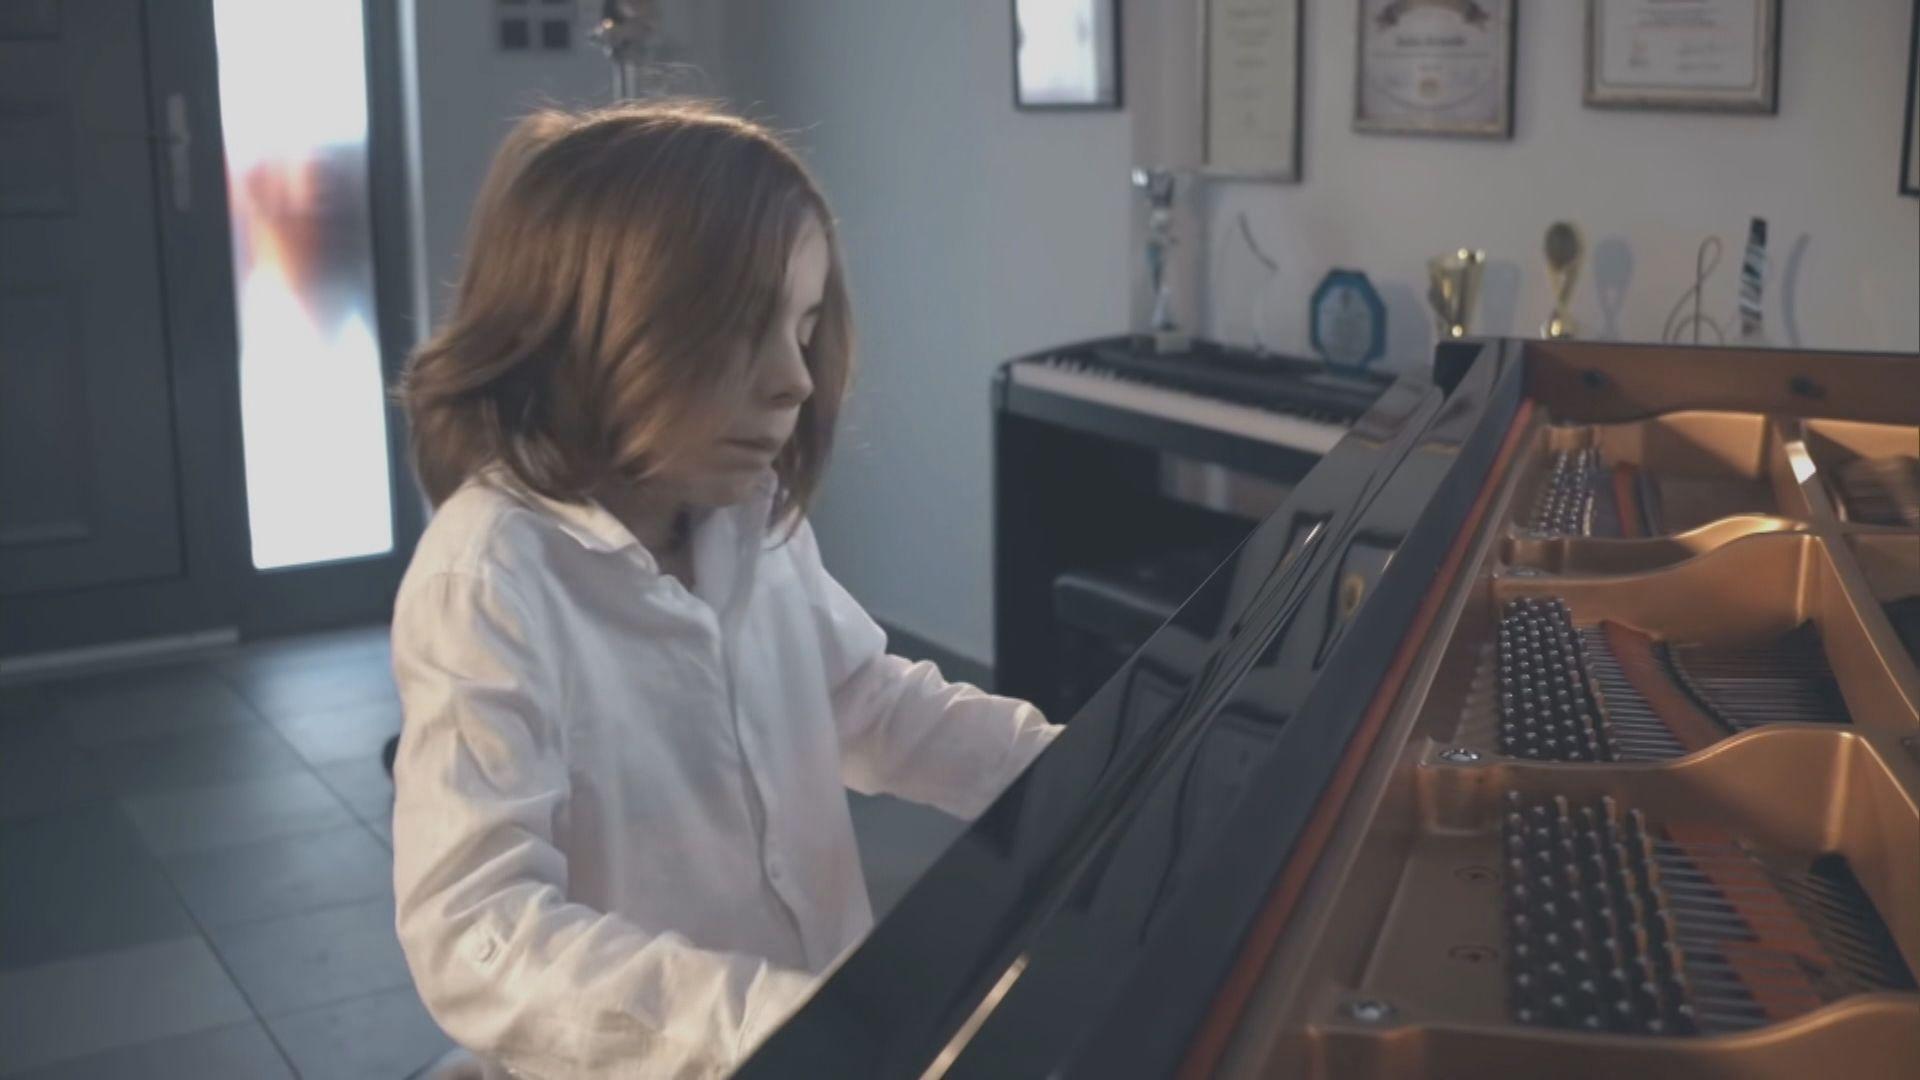 【環球薈報】希臘七歲音樂神童創作隔離華爾茲